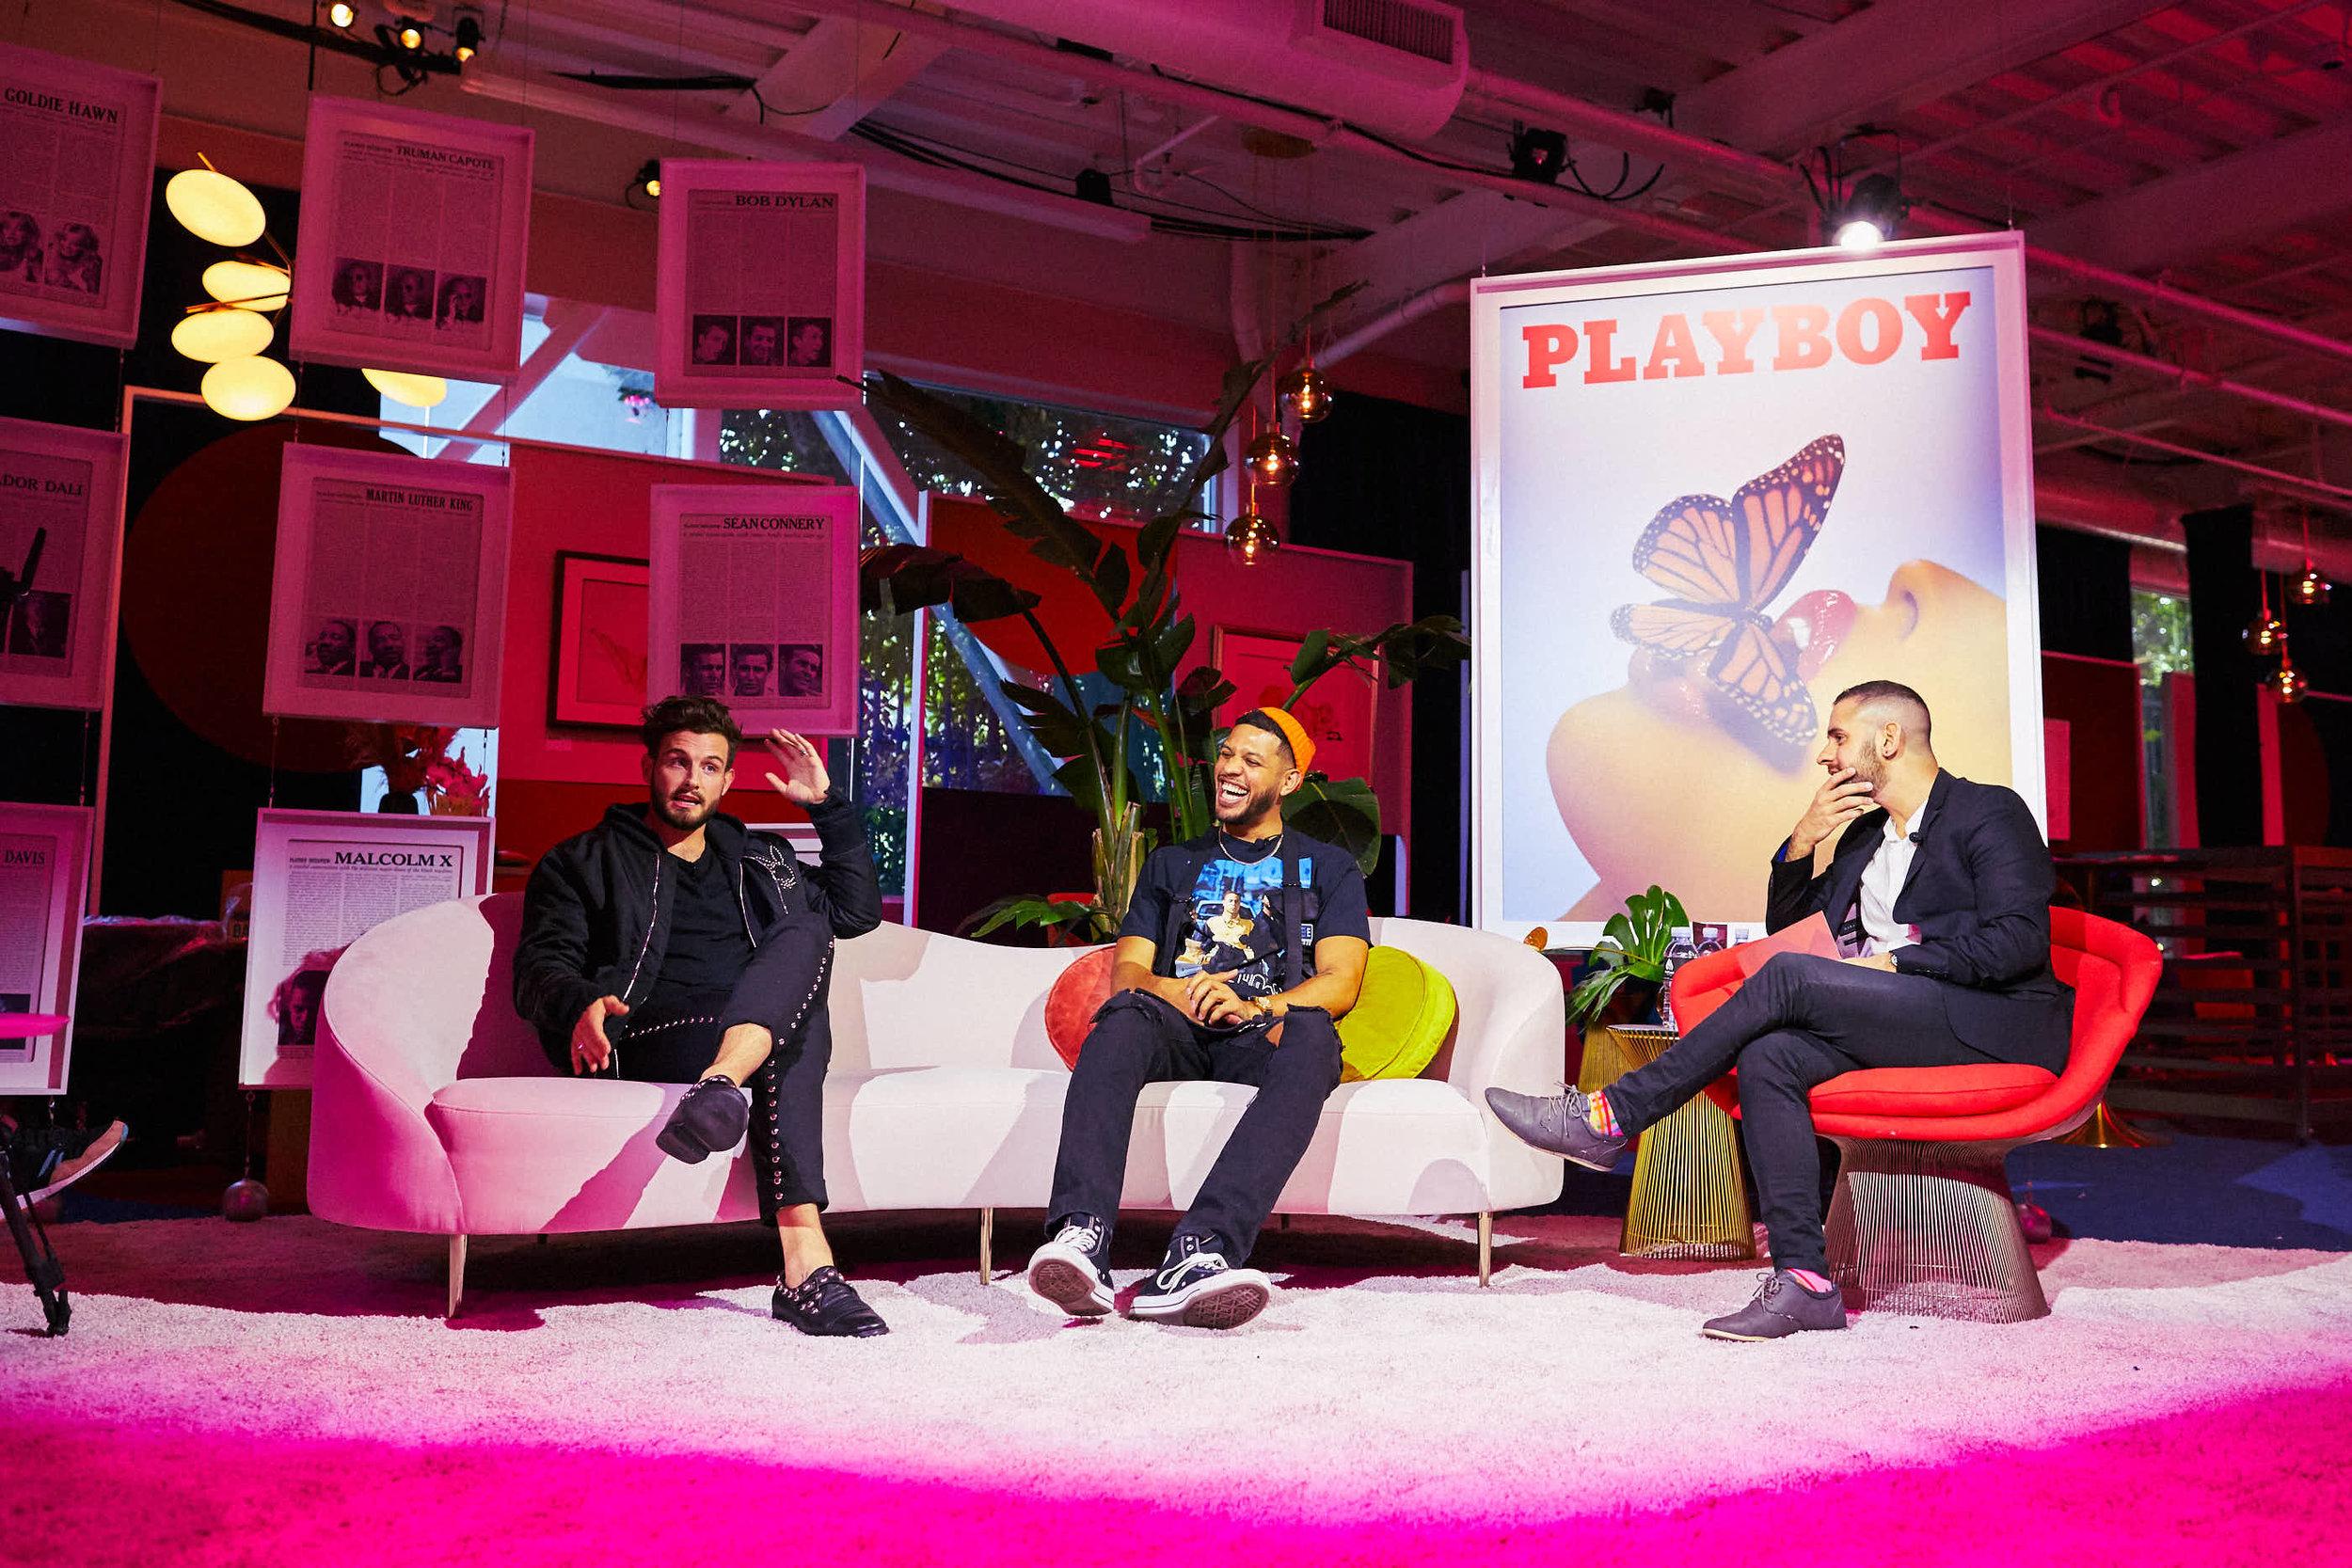 201905_Playboy_LA_230.jpg